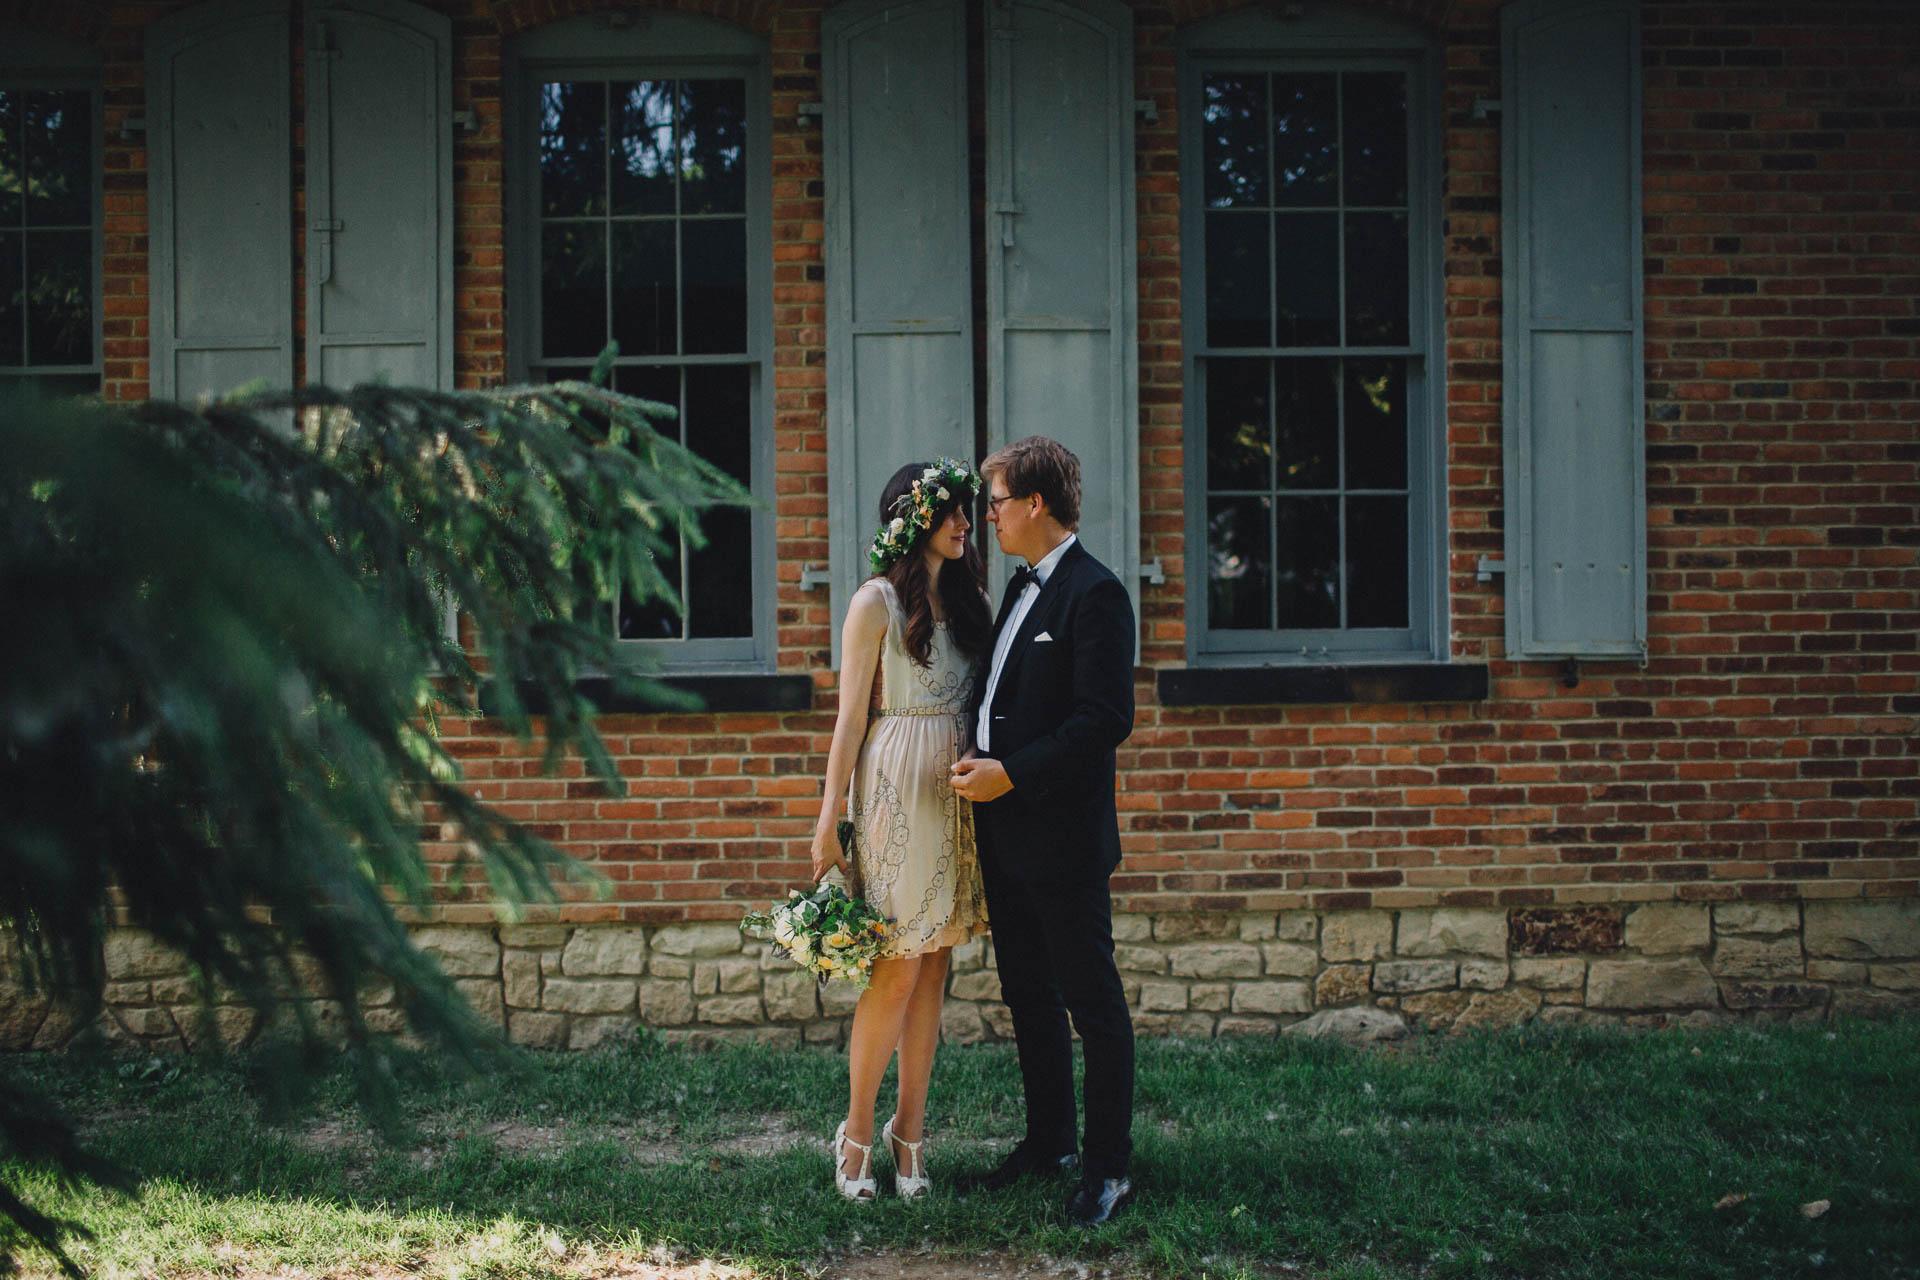 Megan-Paul-Ohio-English-Garden-Wedding-090@2x.jpg